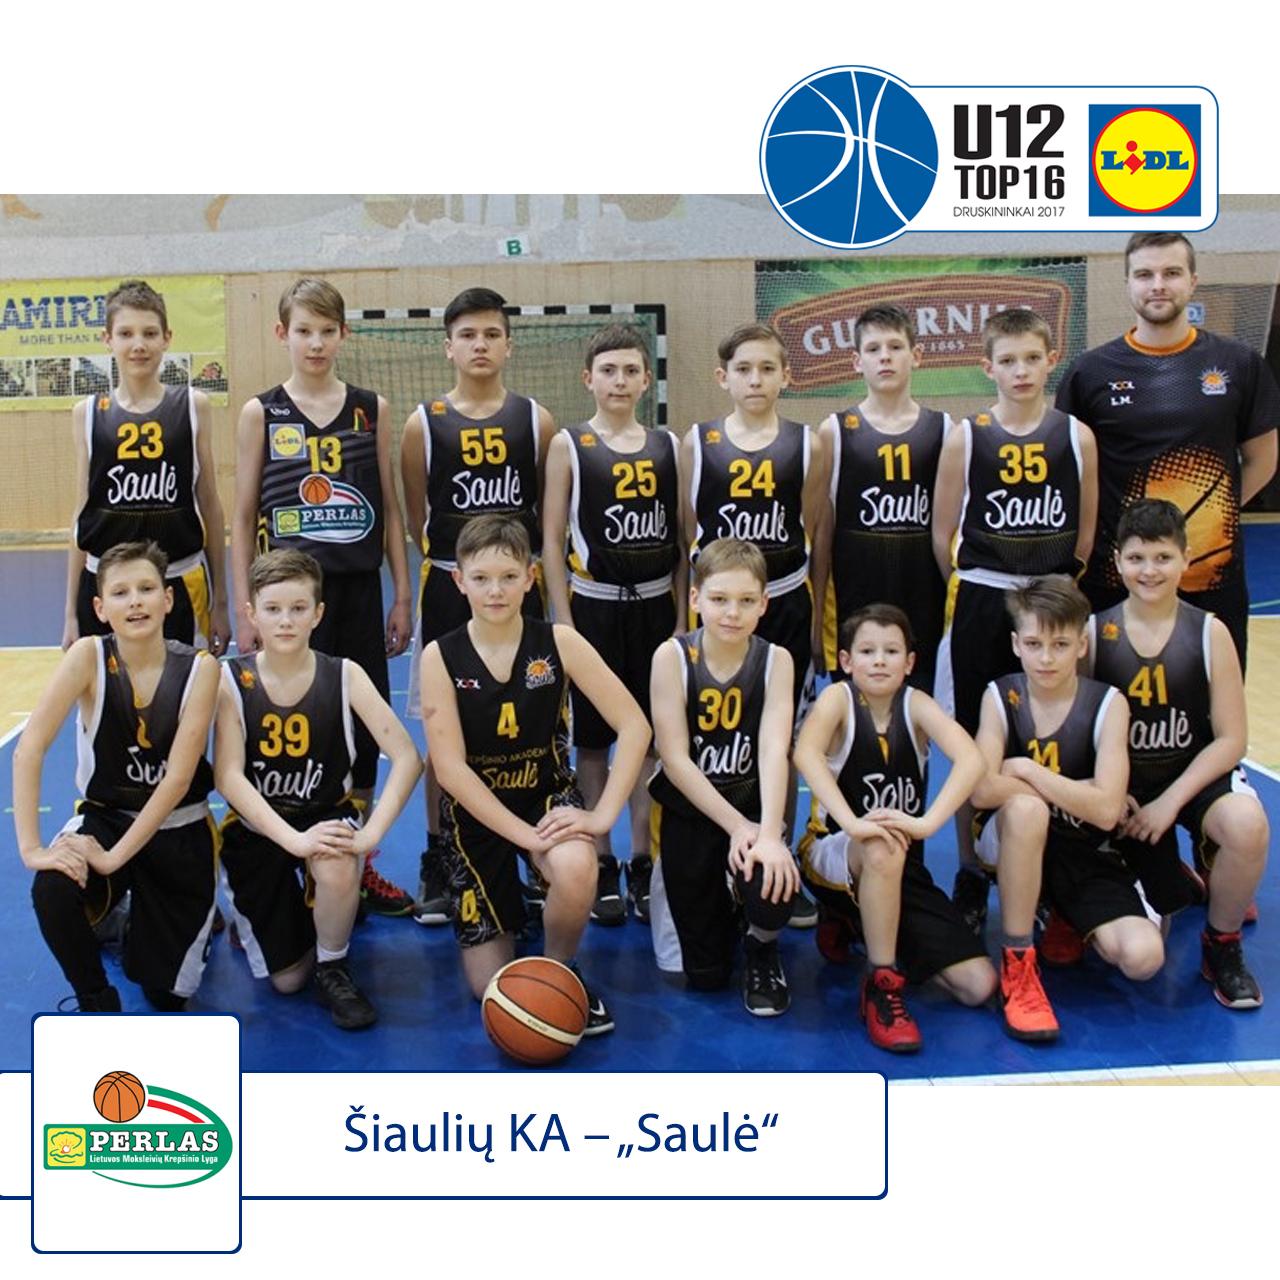 MKL_U12_Siauliu_KA_Saule_paruosta